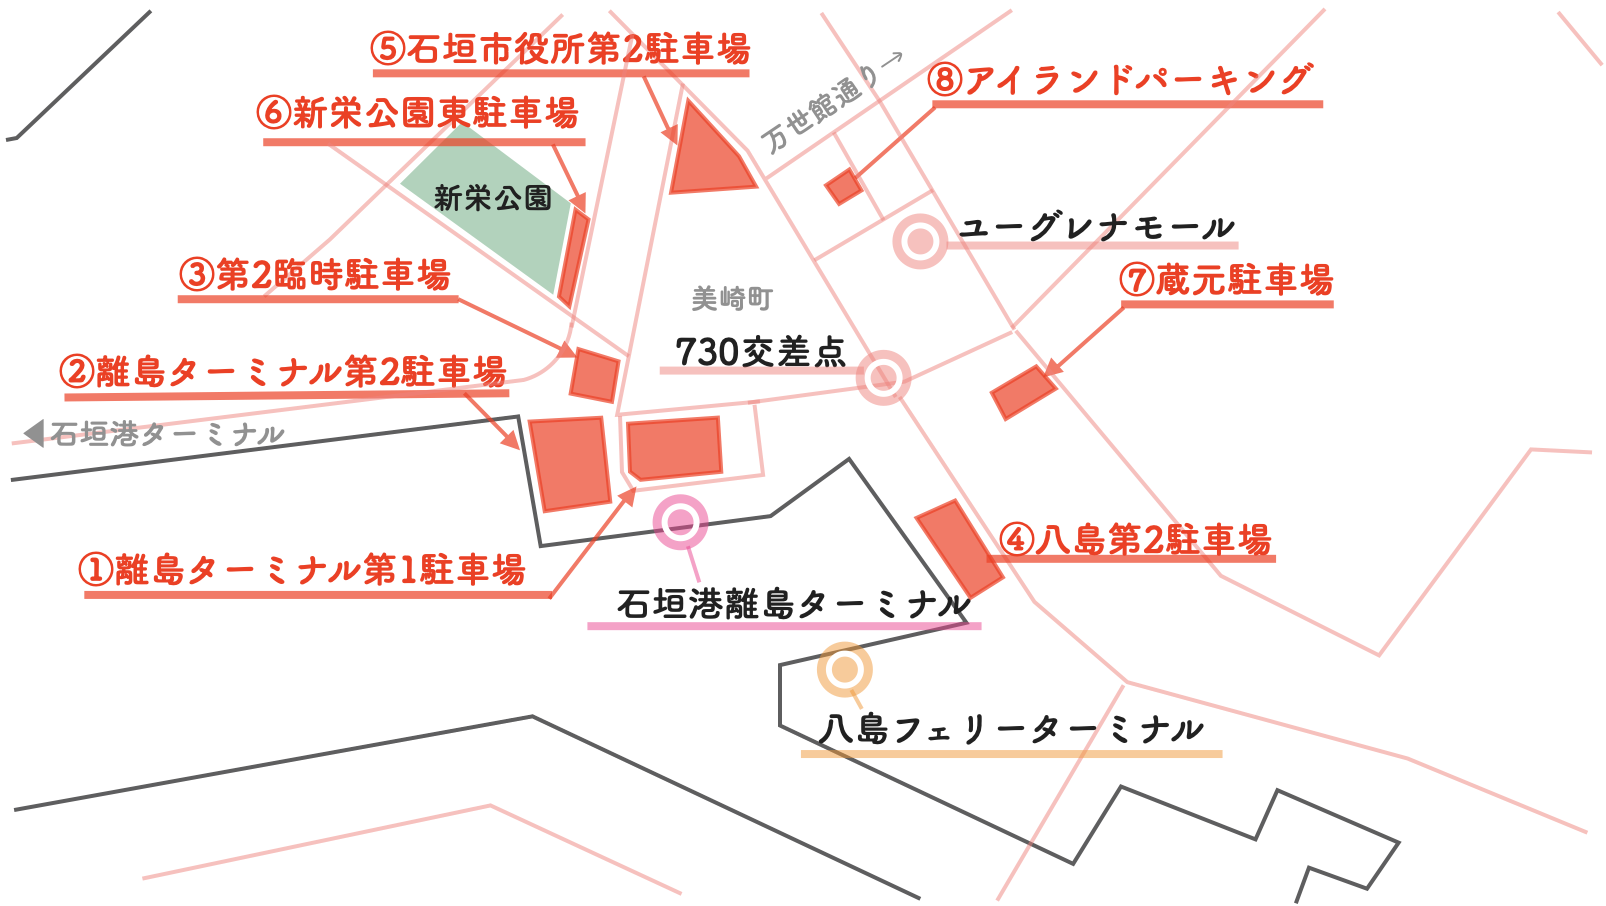 石垣島 市街地 駐車場 地図